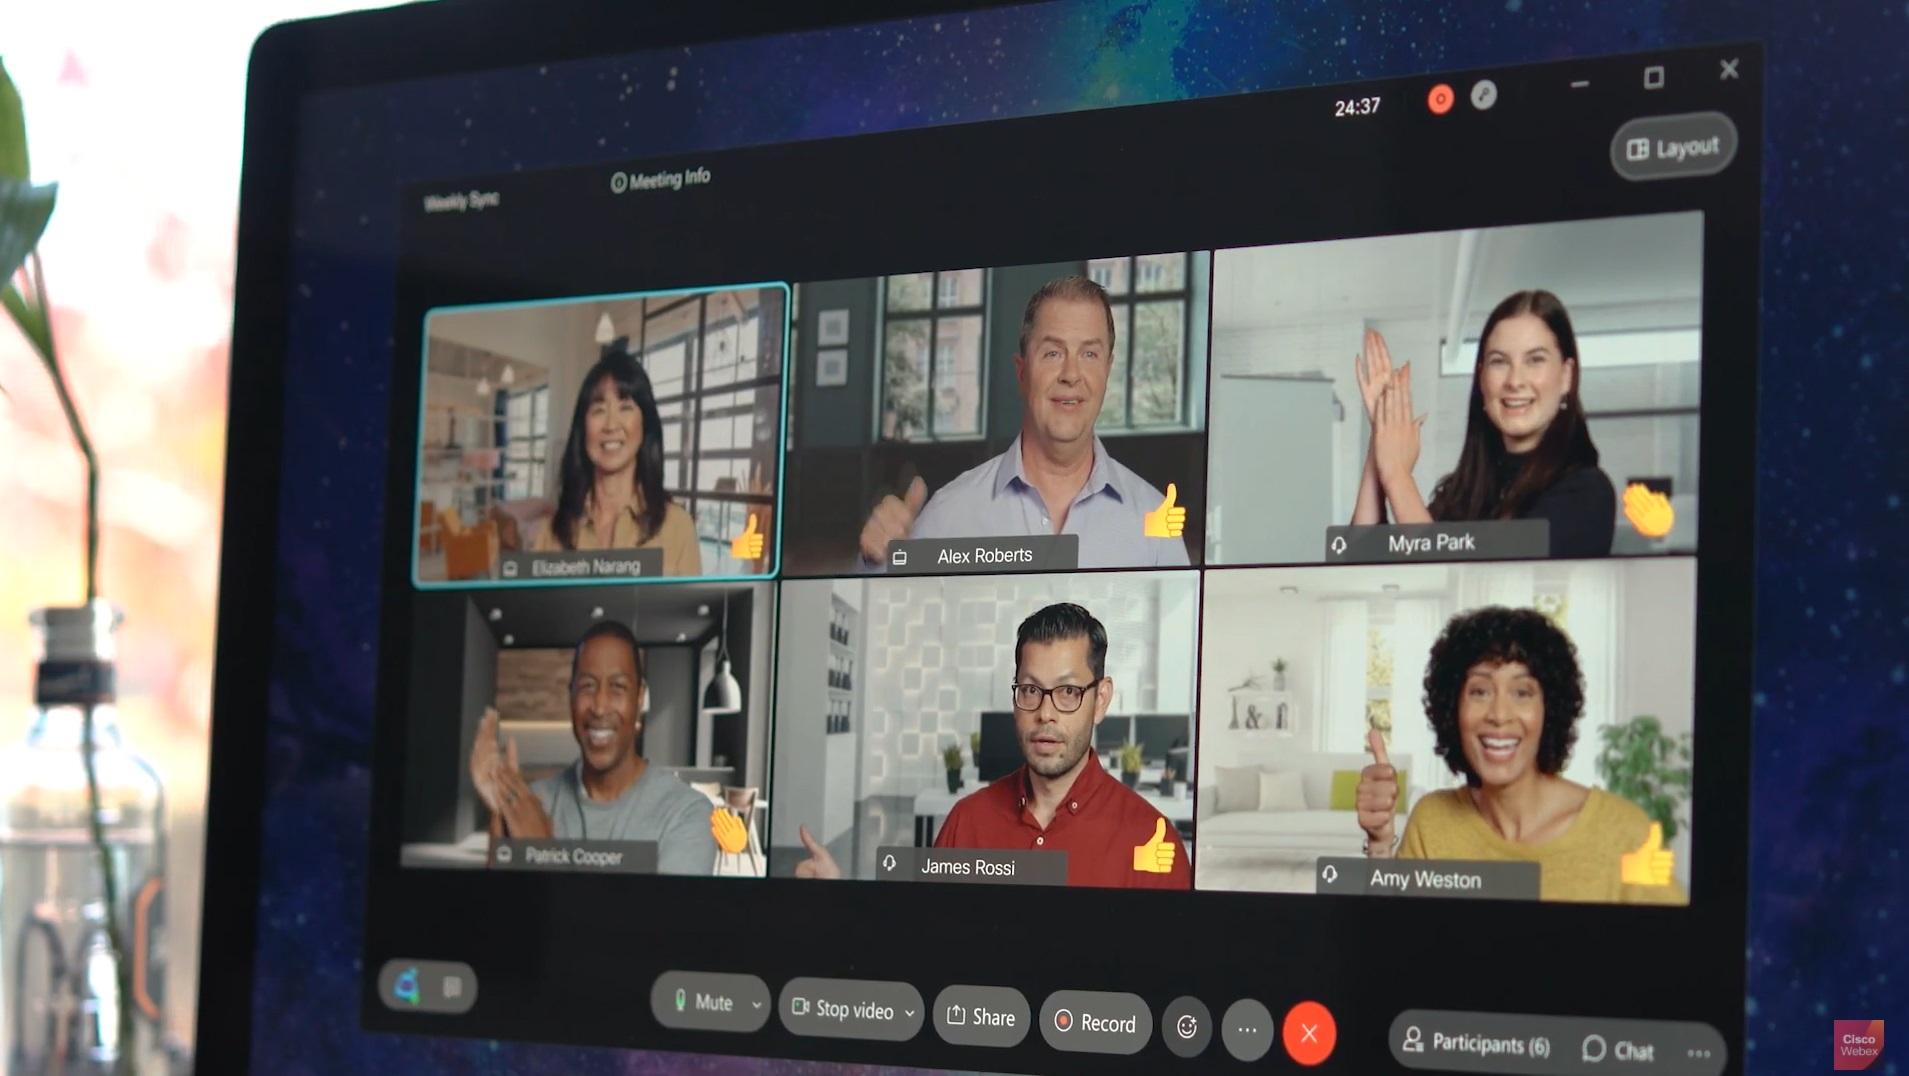 cisco เปิดตัว  Webex รูปแบบใหม่ พัฒนาระบบ AI เร็วกว่าเดิม 10 เท่า เชื่อมต่อ Box Dropbox Miro Mural Salesforce จาก Facebook โดยตรง